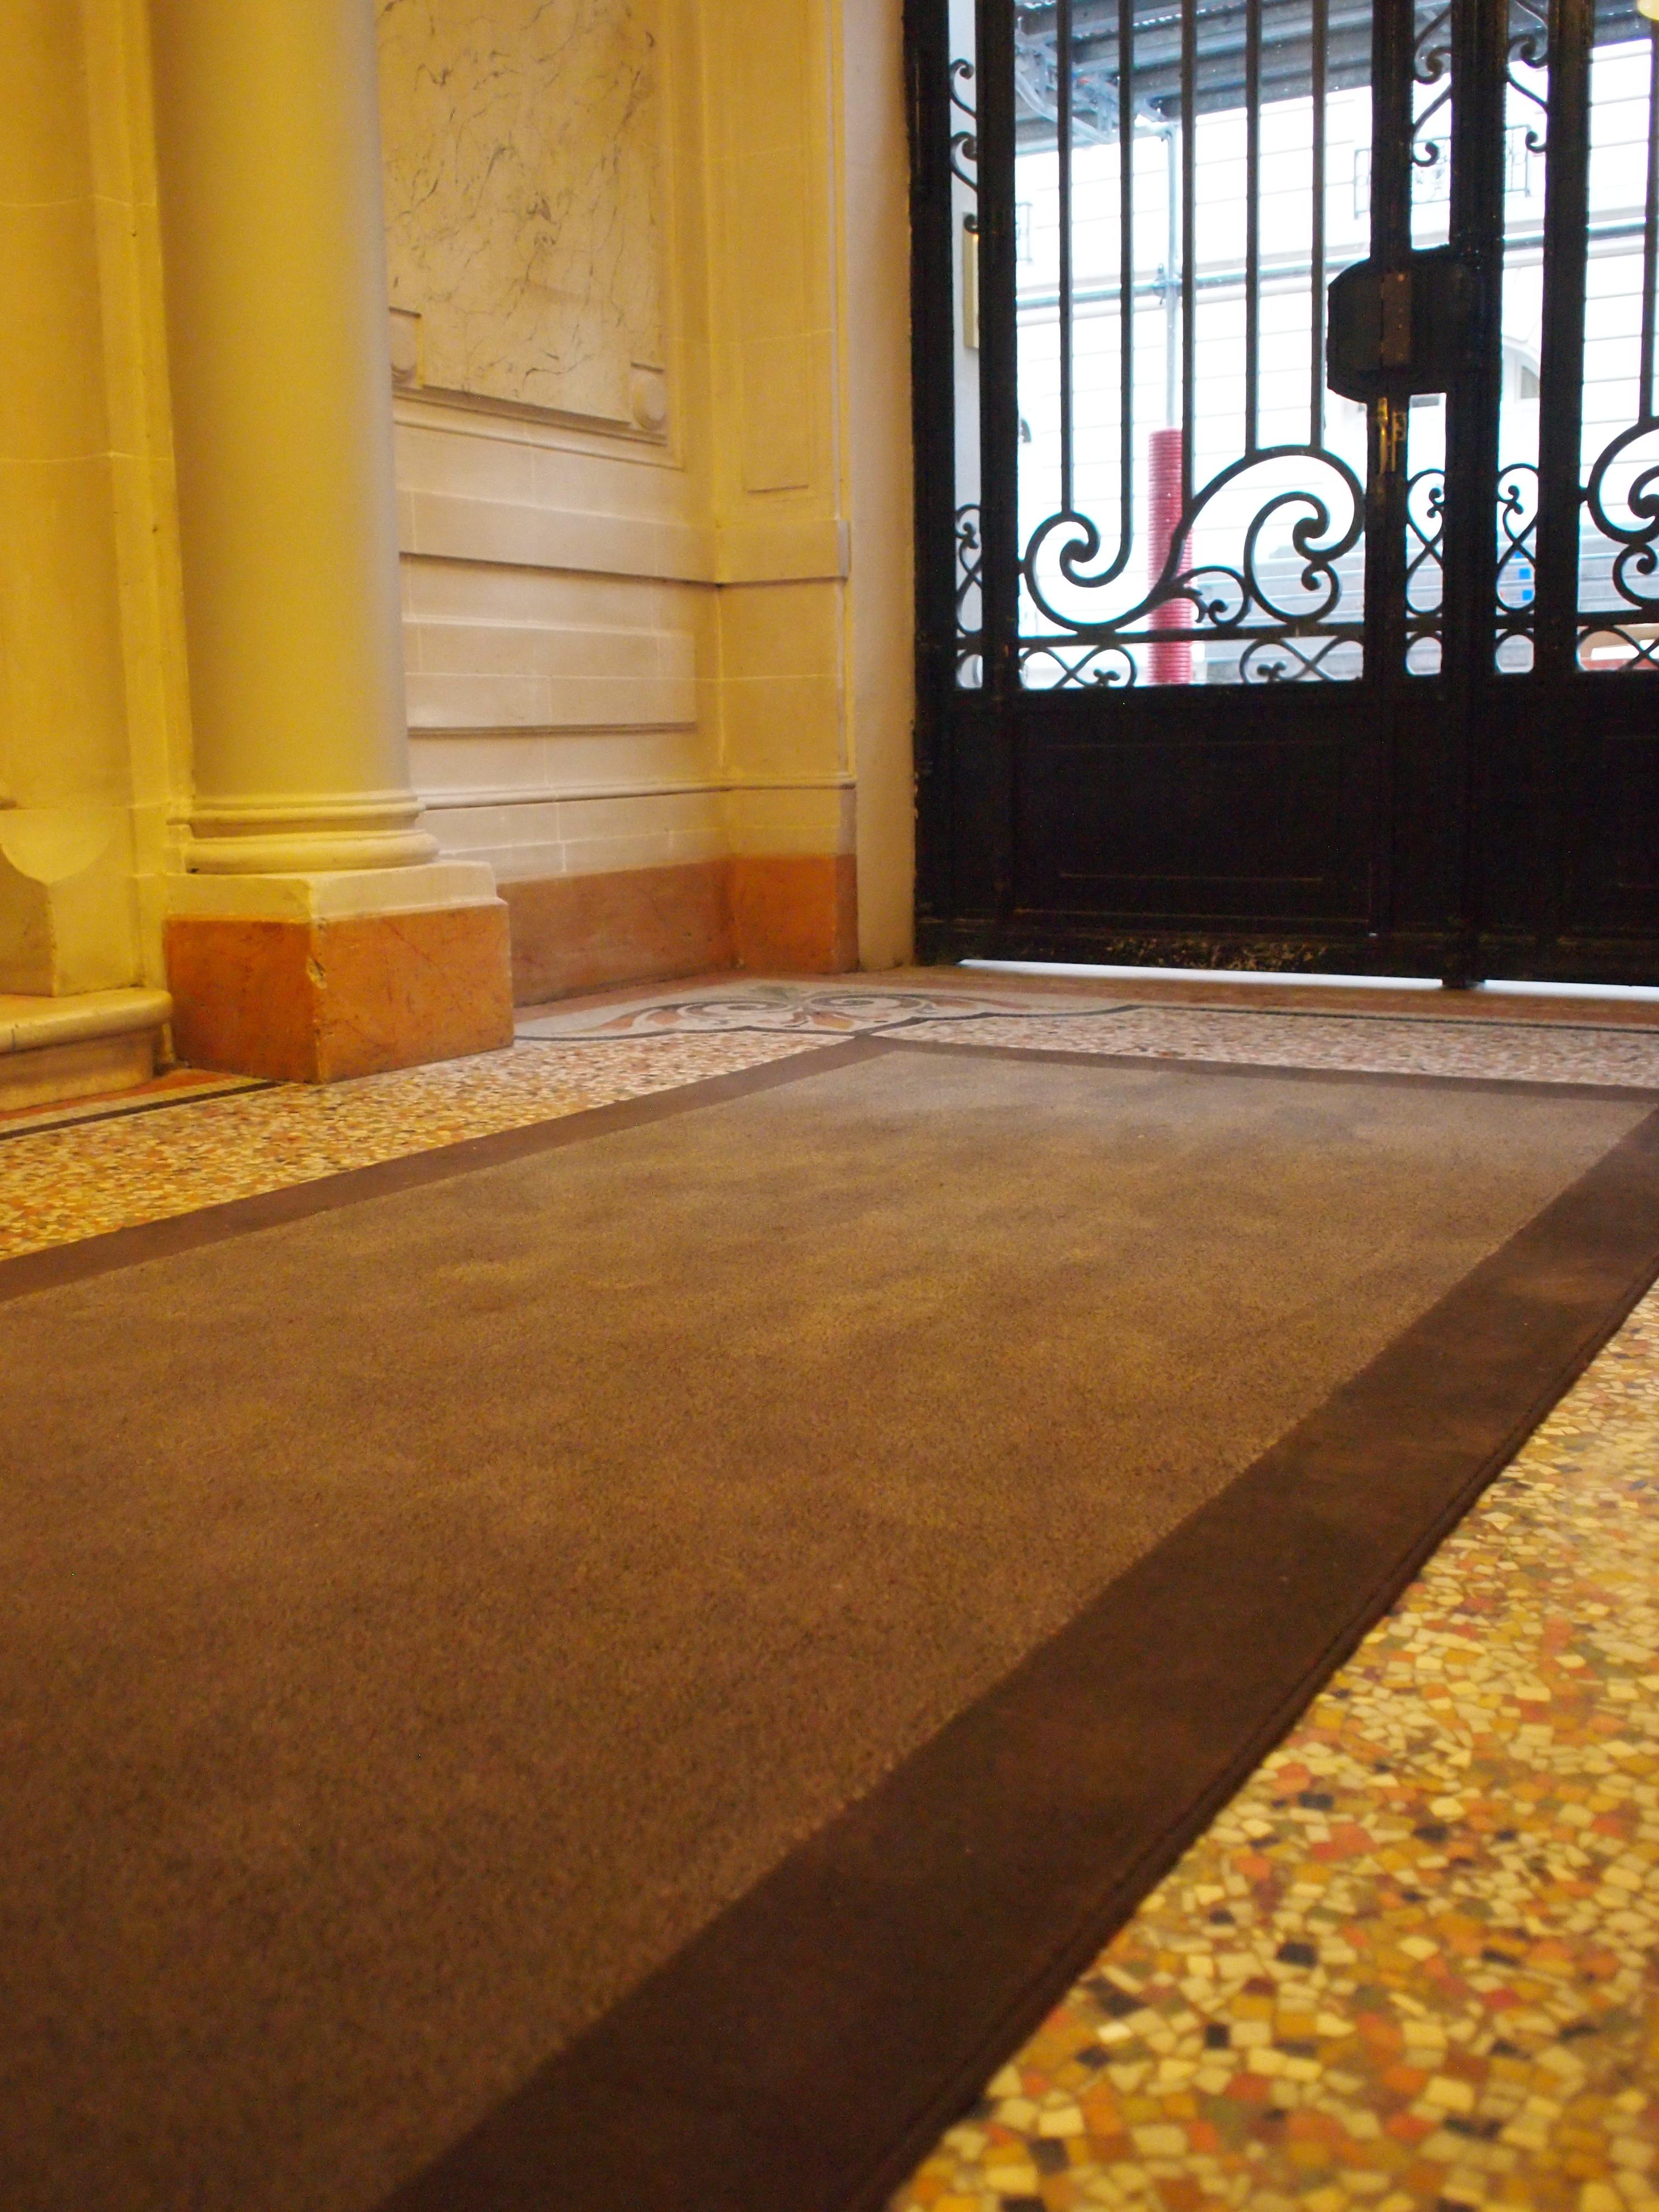 Tapis hall d 39 immeuble dmt sp cialiste du tapis d 39 escalier et moquette paris - Tapis hall d immeuble ...